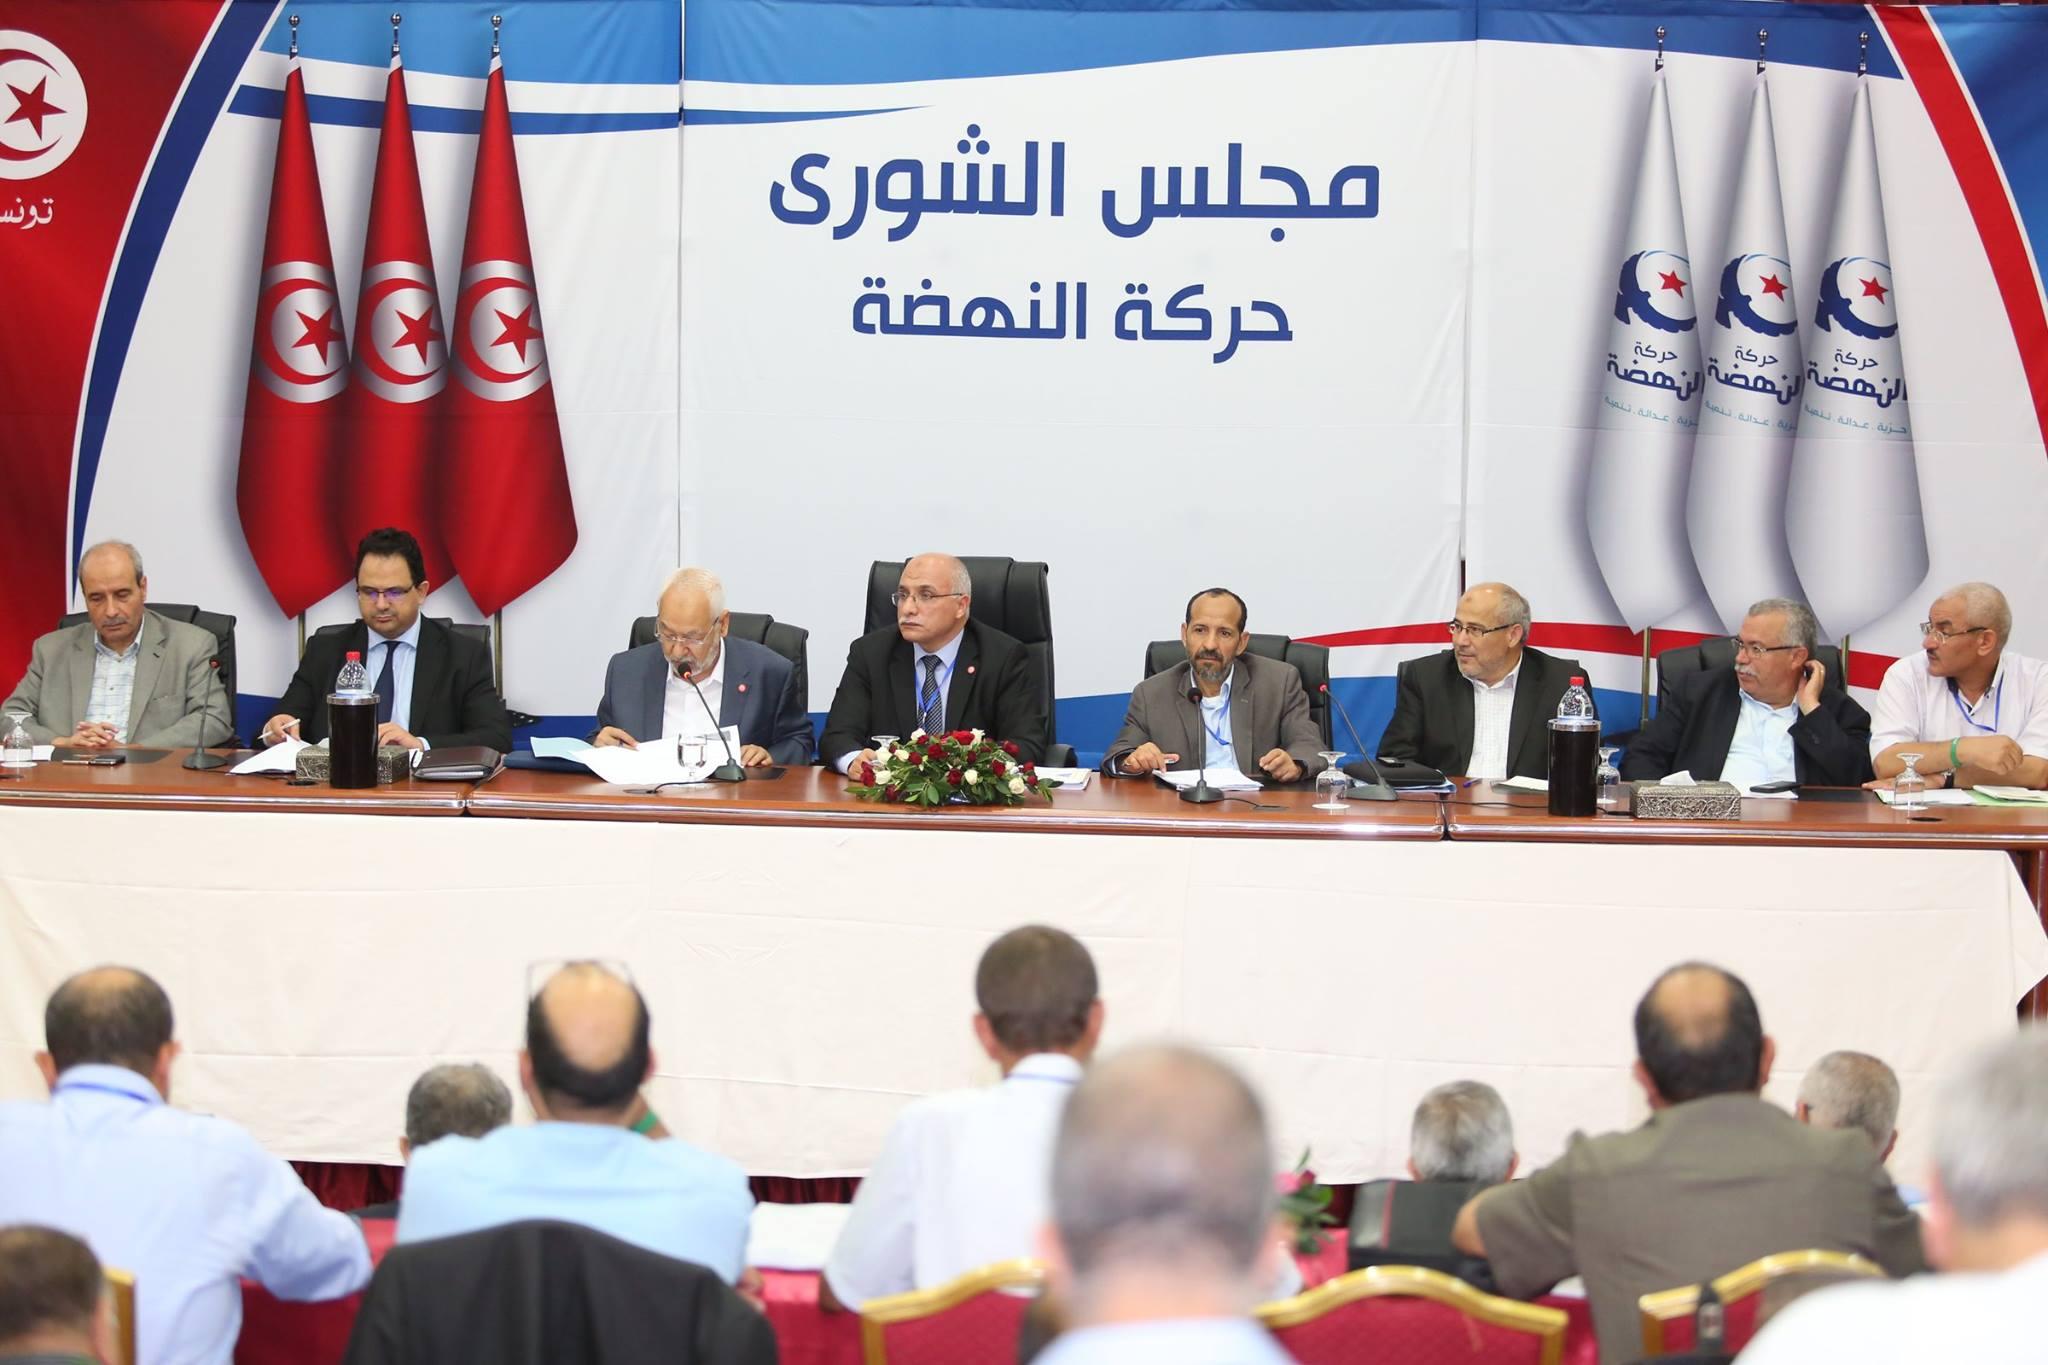 في اجتماع مجلس الشورى: من ستُرشح النهضة لرئاسة الحكومة ؟